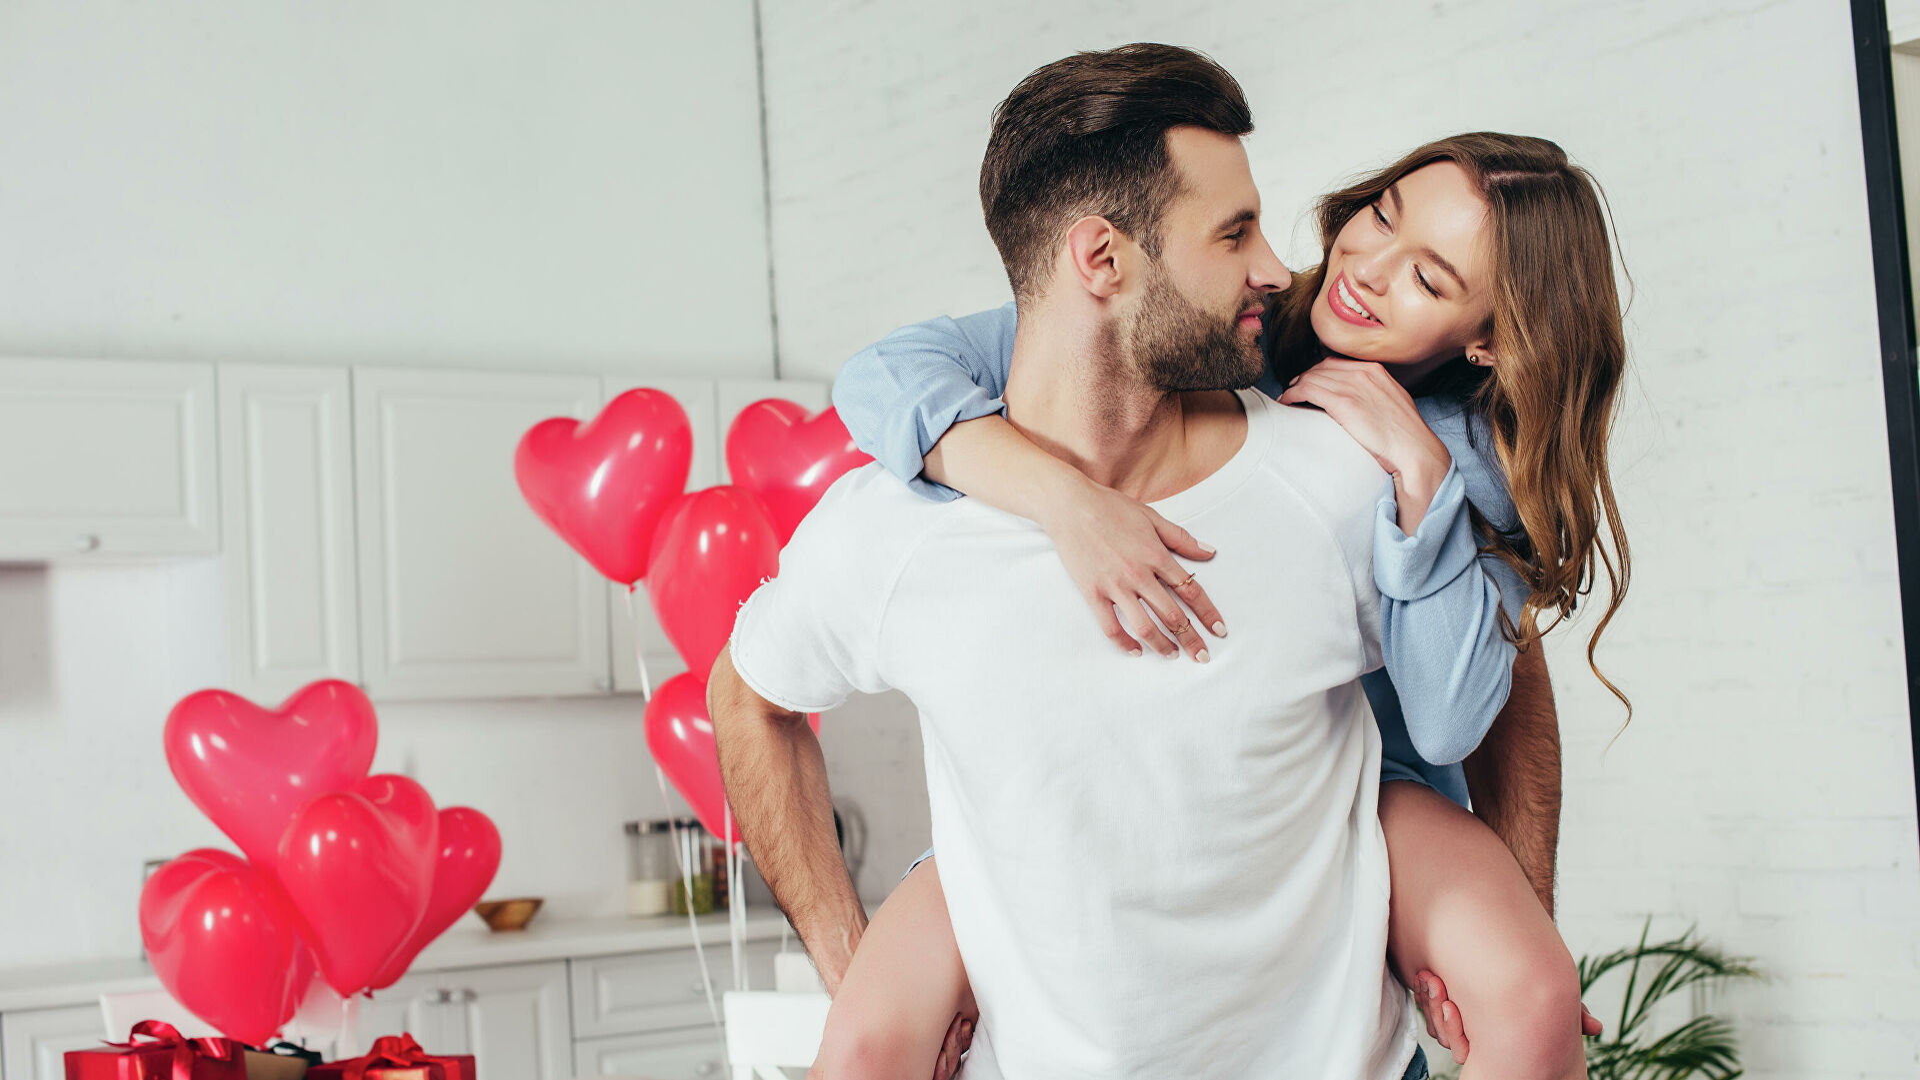 Парень и девушка отмечают День святого Валентина - РИА Новости, 1920, 14.02.2021